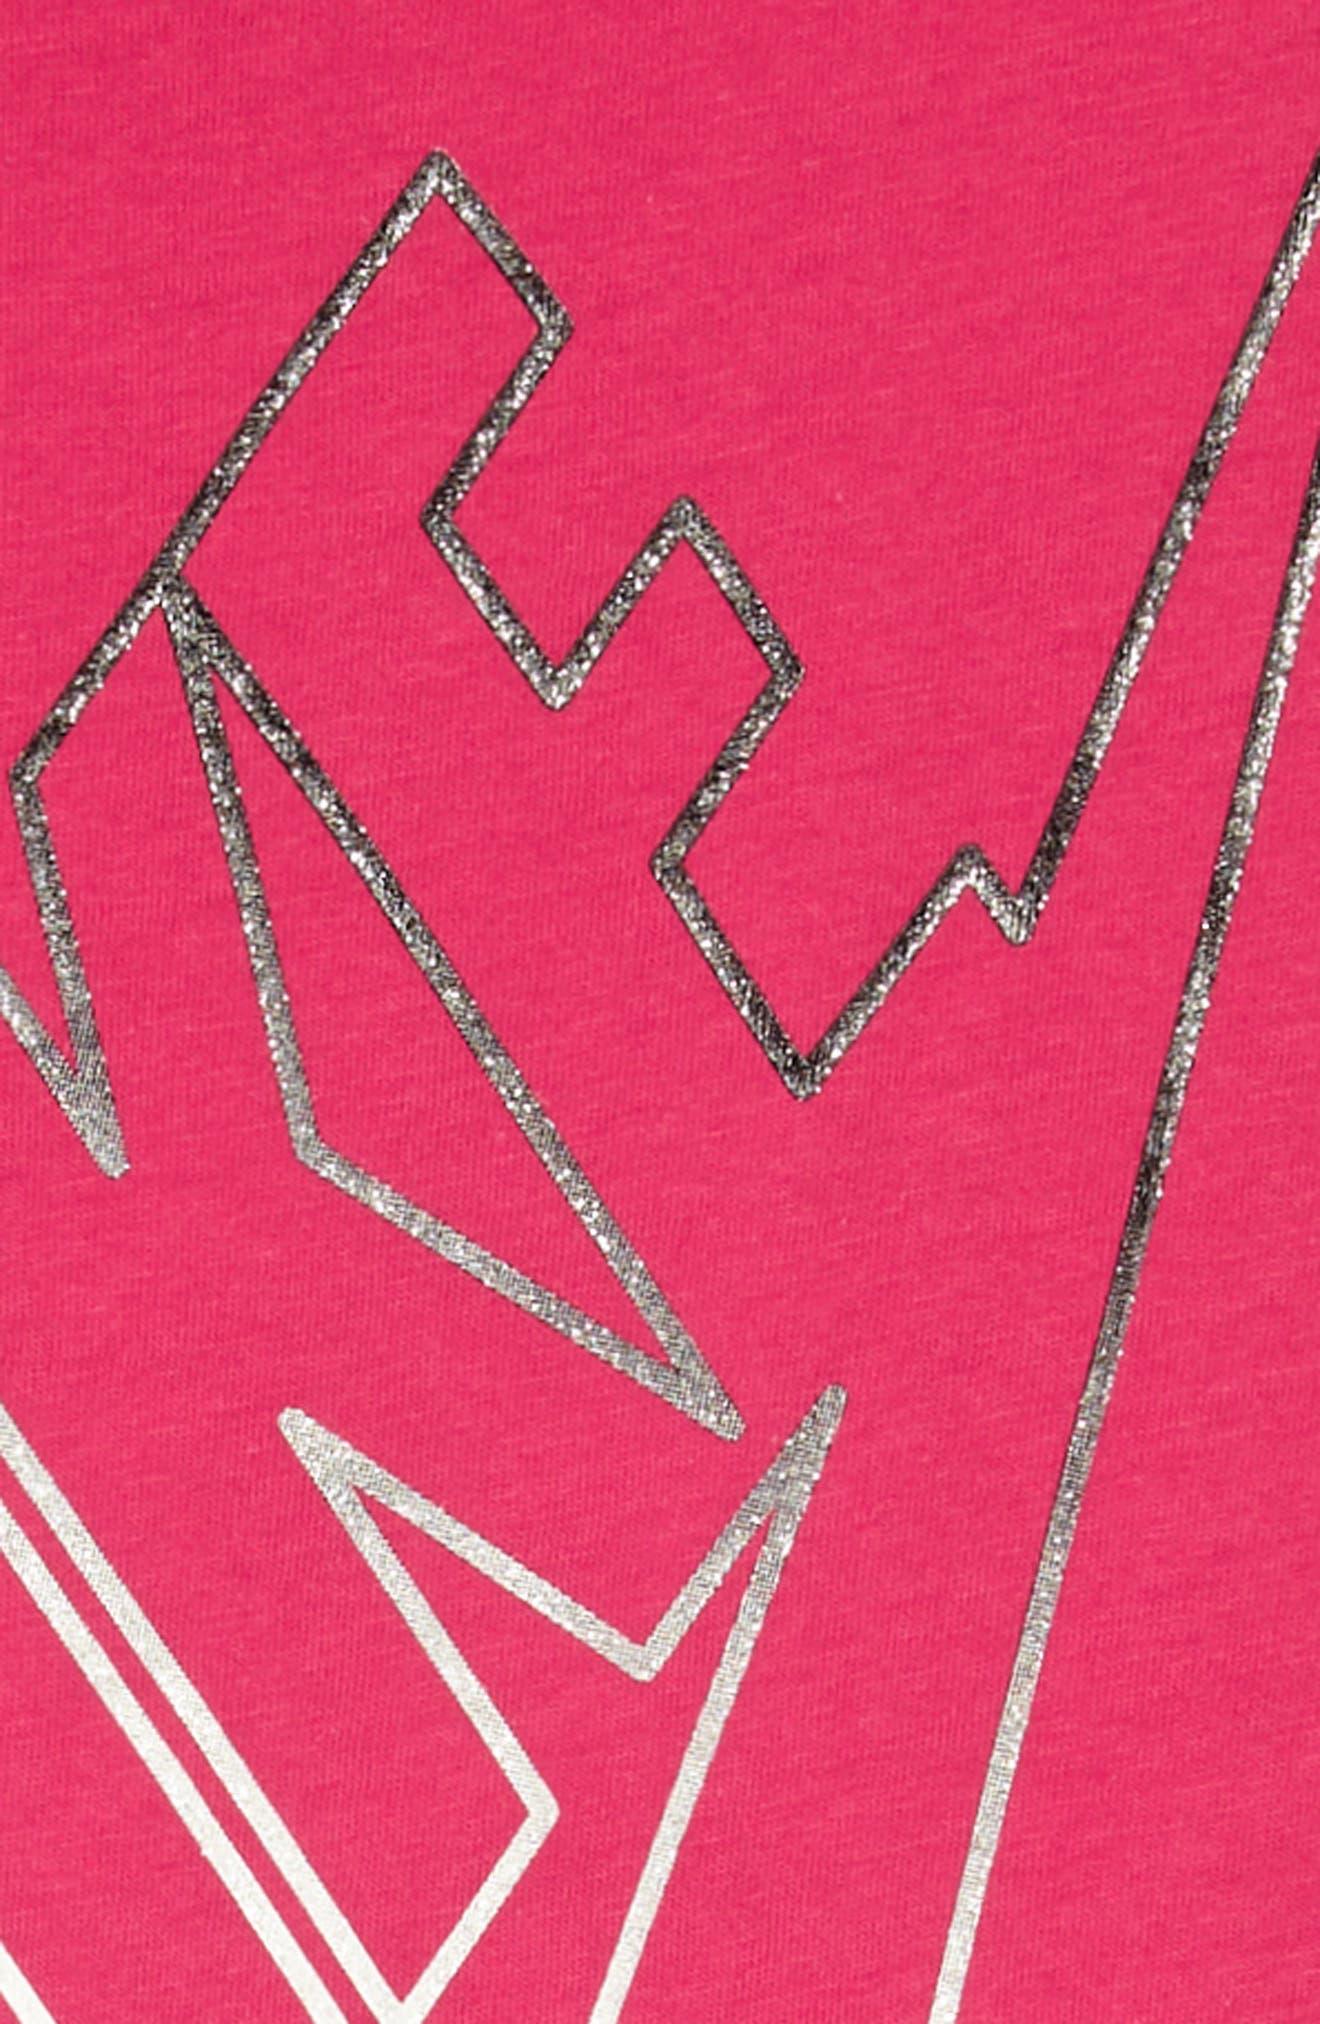 Futura T-Shirt Dress,                             Alternate thumbnail 2, color,                             Rush Pink